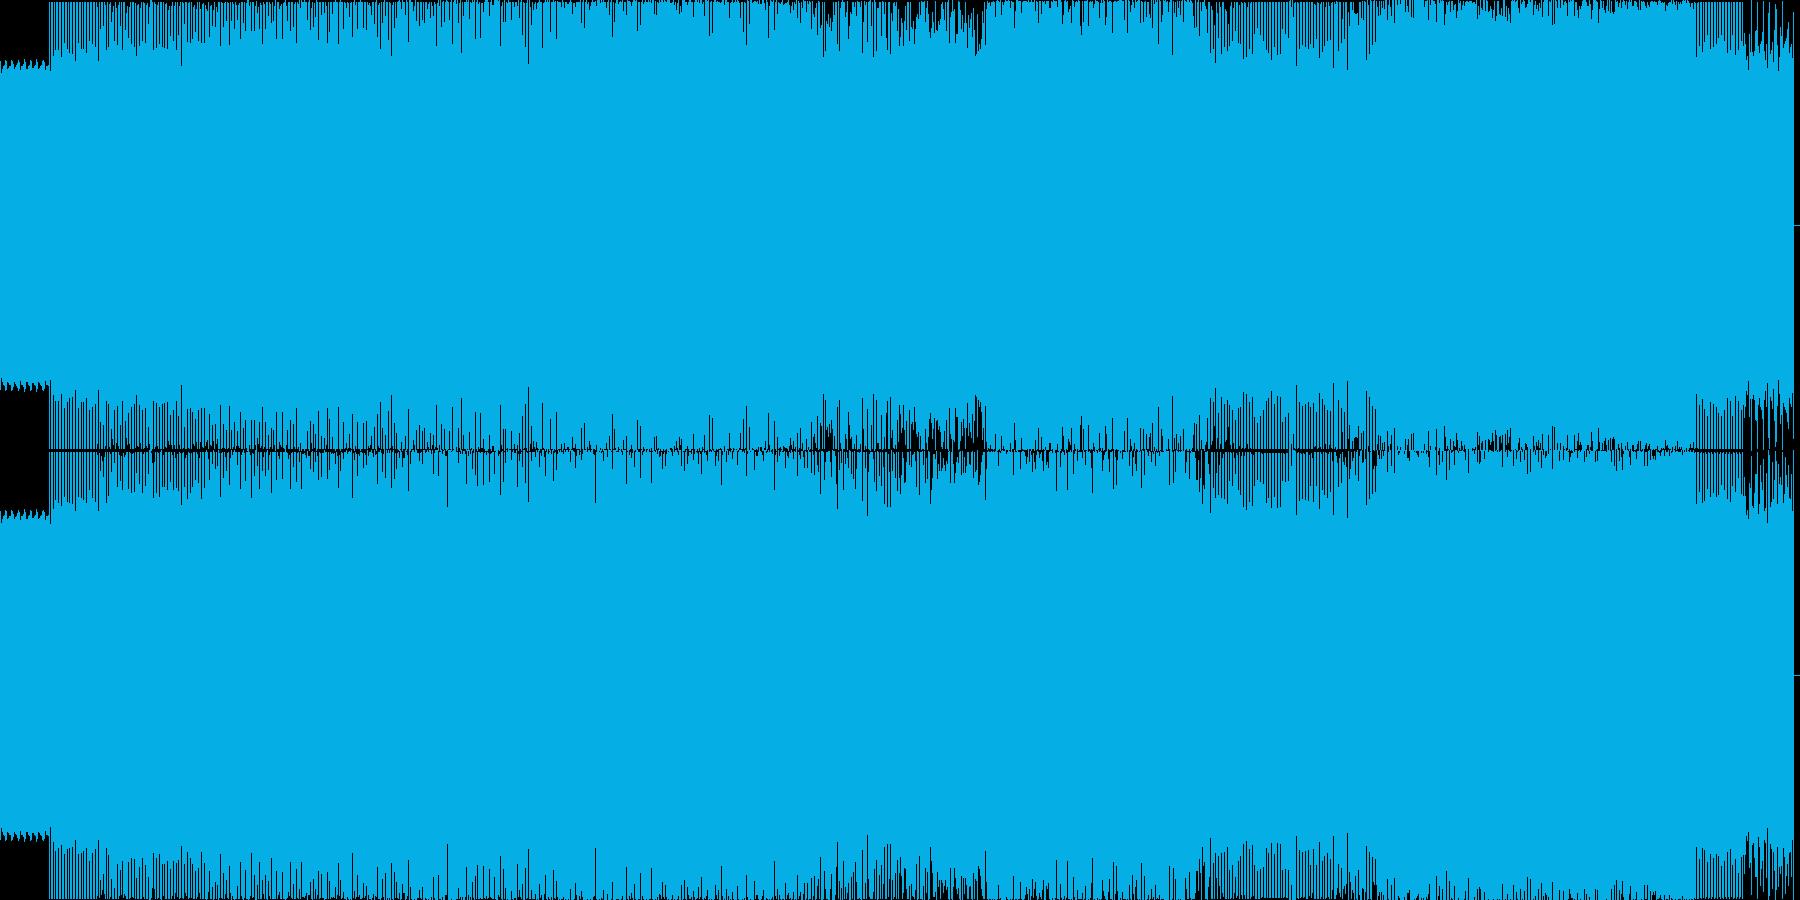 140BPMの疾走感のある長めのテクノの再生済みの波形